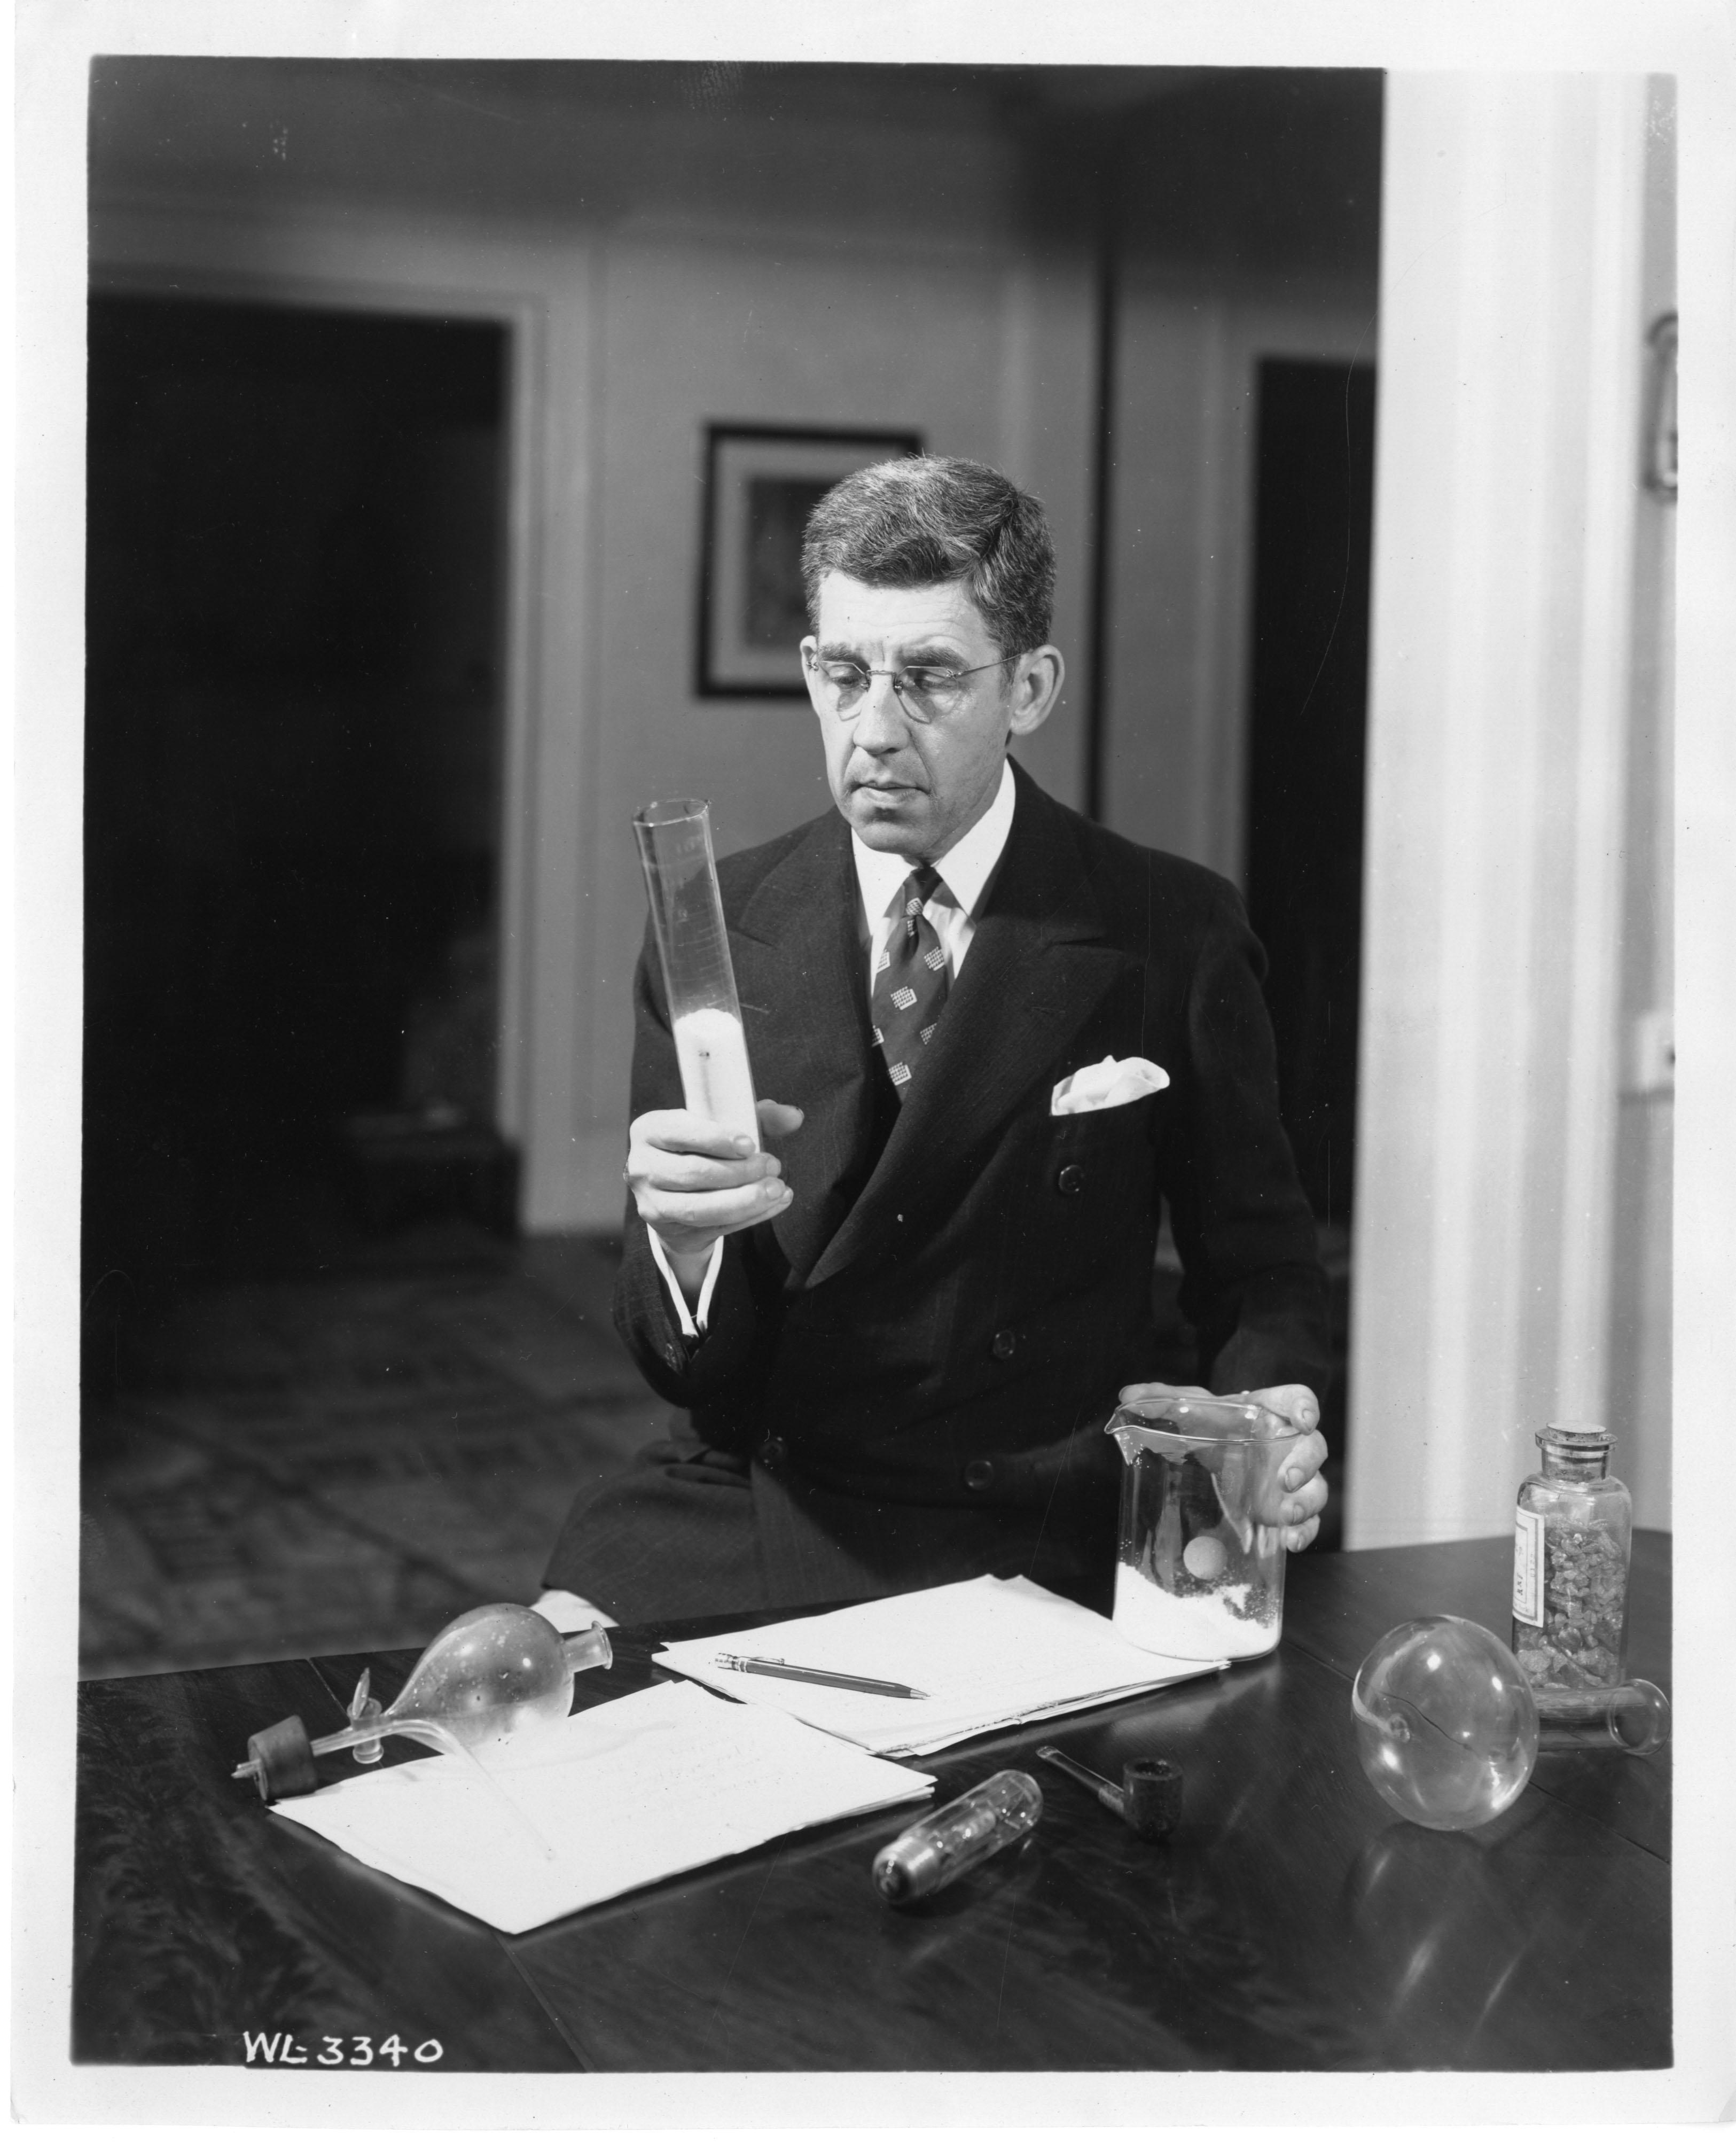 Samuel Galloway Hibben (1888-1972).